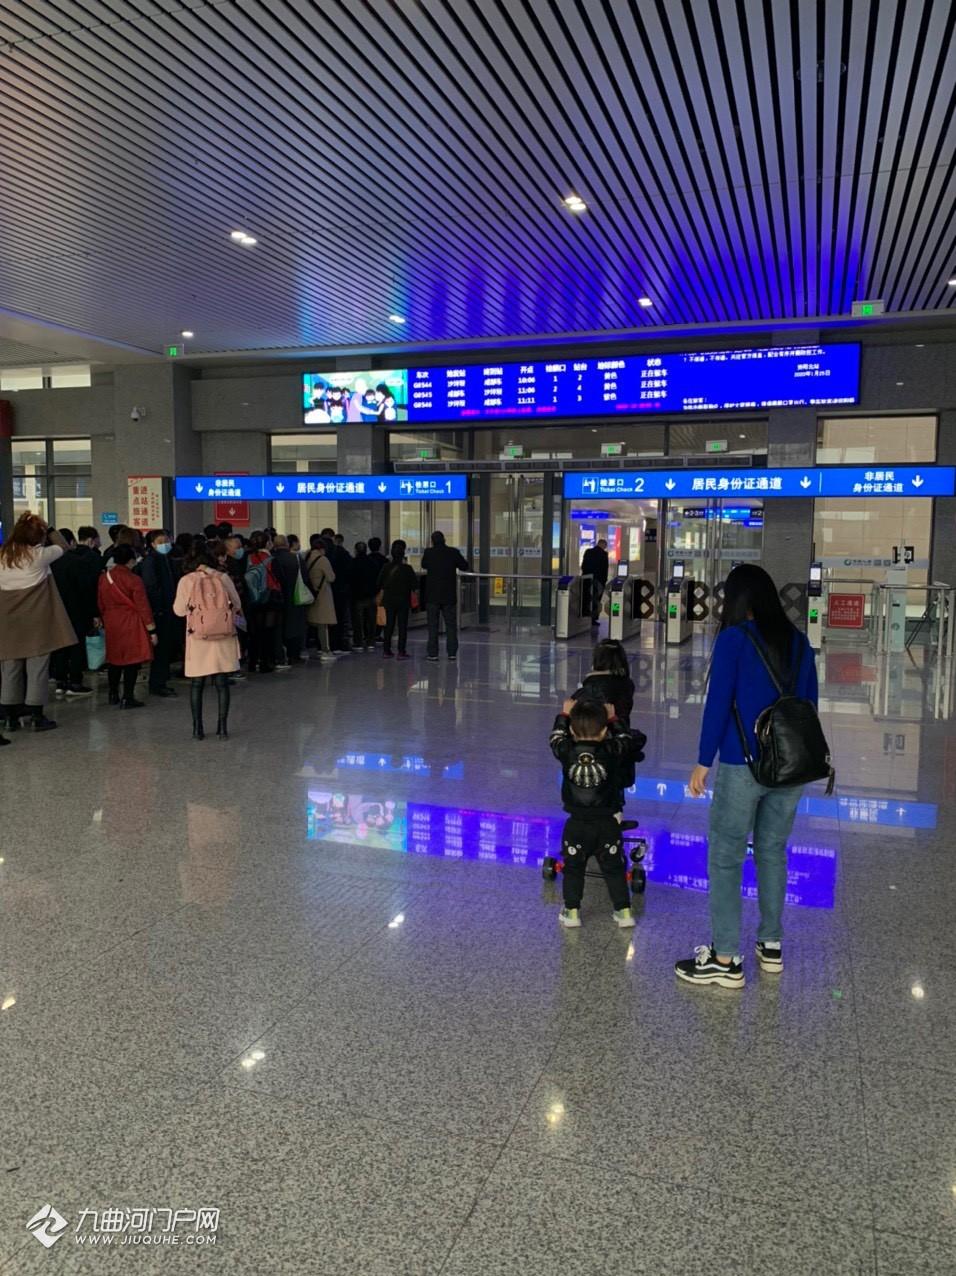 资阳北站候车厅部分设备更新了,检票口有了电子显示屏,服务台和充电口也优化了不少!